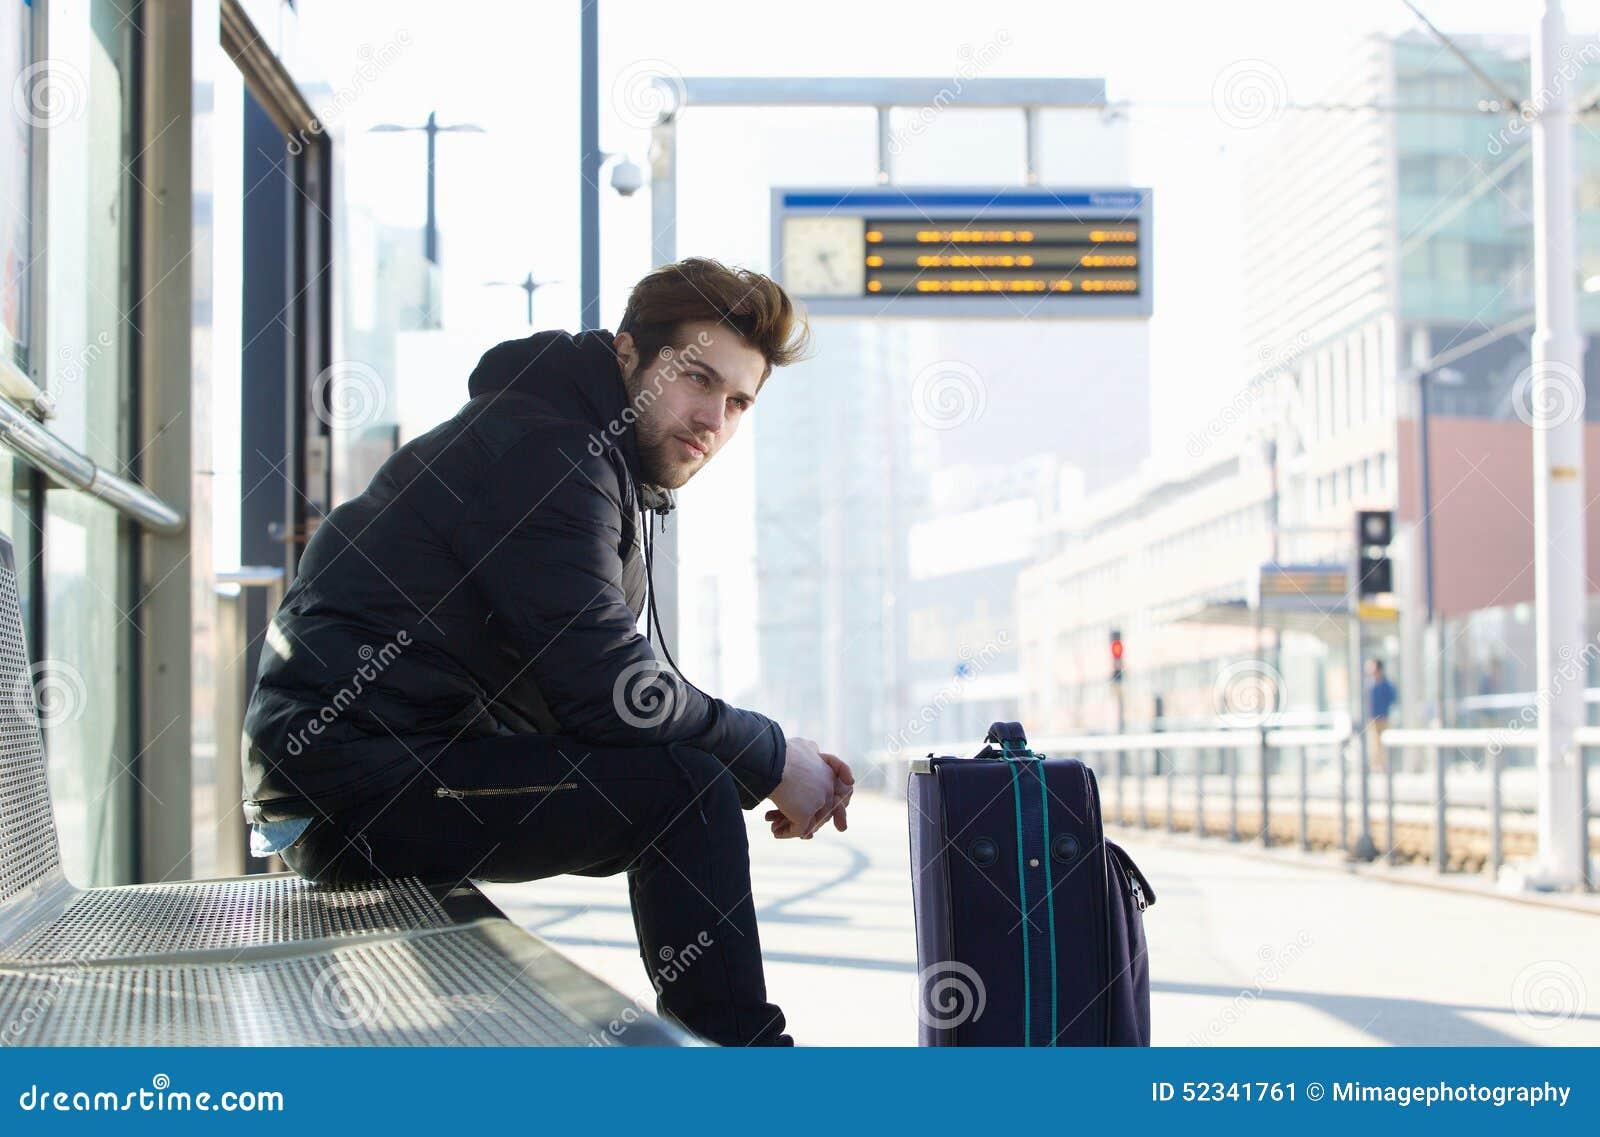 Esperando el tren - 1 part 2